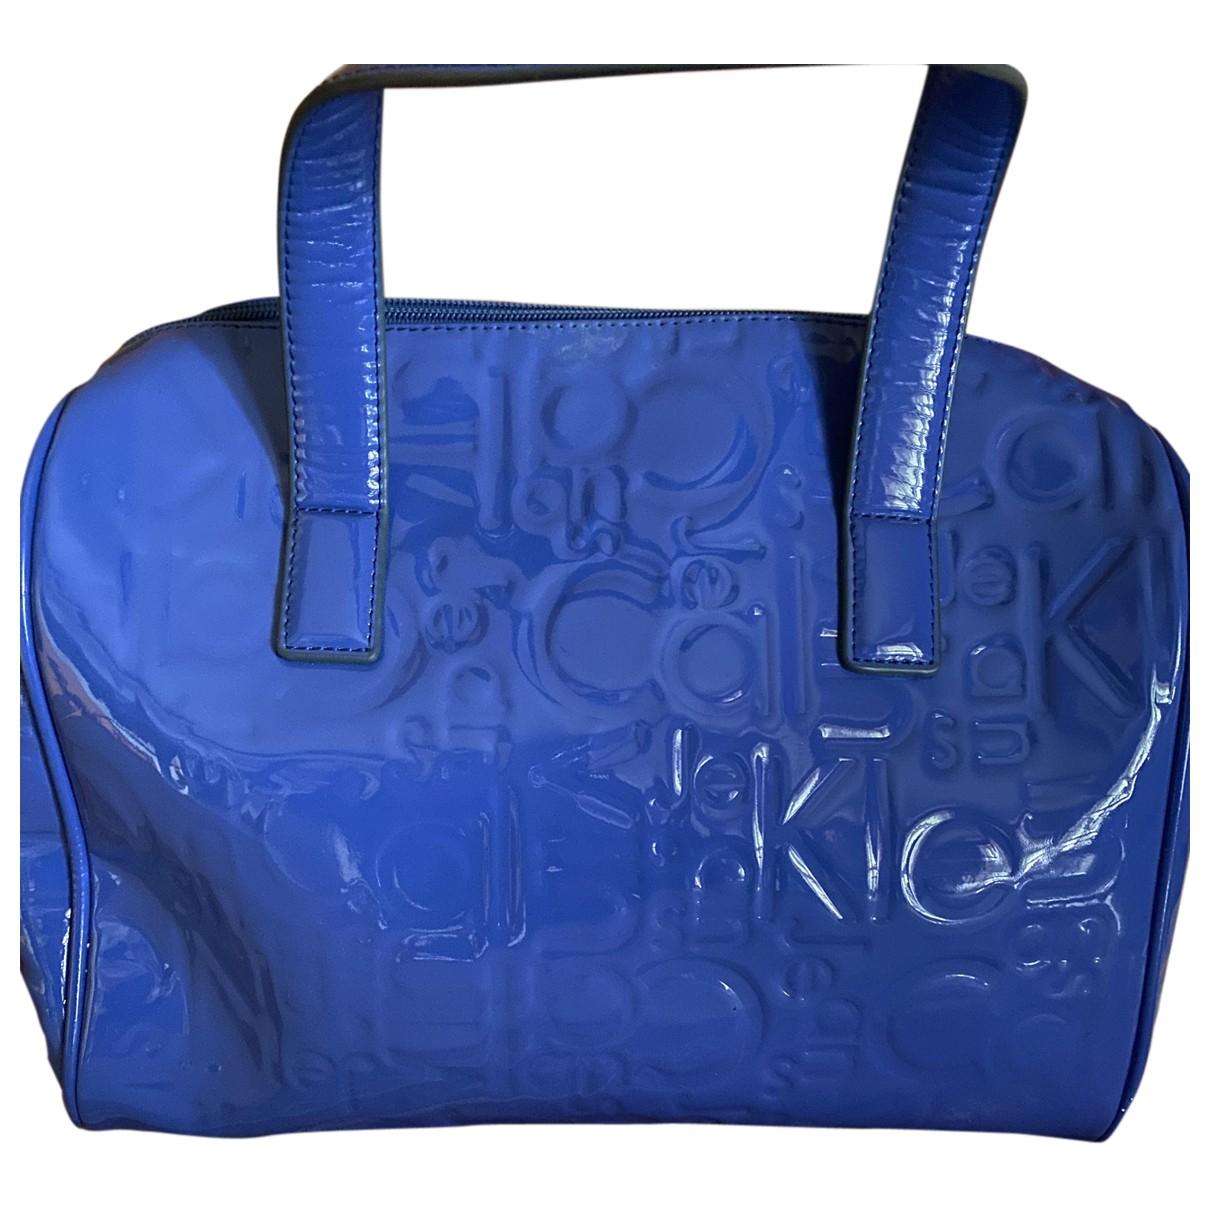 Calvin Klein - Sac a main   pour femme - bleu